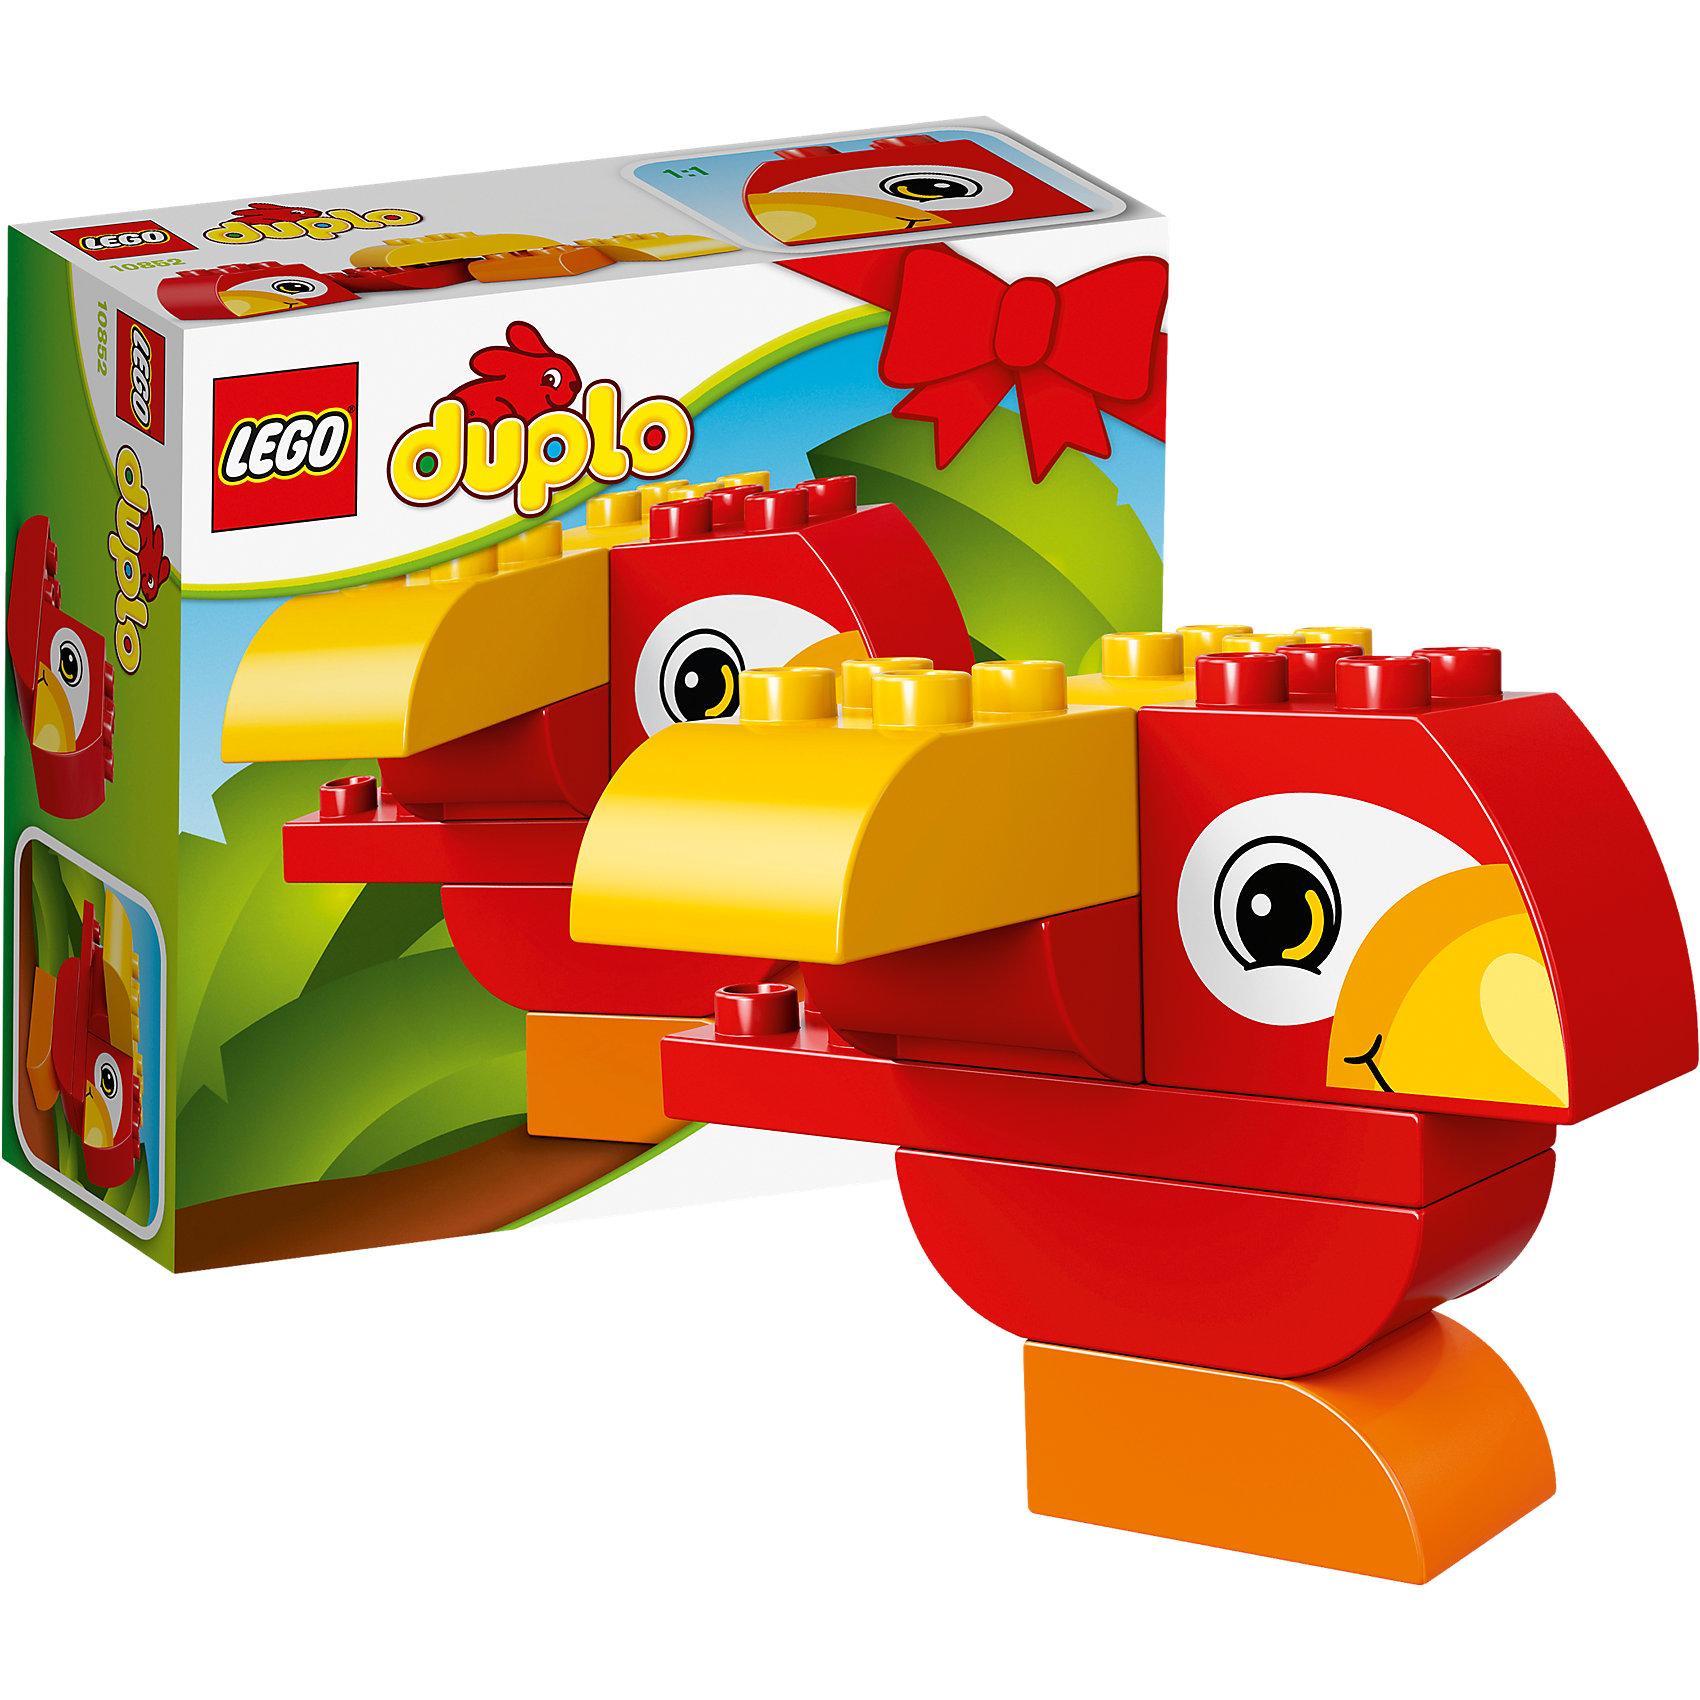 LEGO DUPLO 10852: Моя первая птичкаПластмассовые конструкторы<br>LEGO DUPLO 10852: Моя первая птичка<br><br>Характеристики:<br><br>- в набор входит: детали птички, инструкция<br>- состав: пластик<br>- количество деталей: 7<br>- размер коробки: 15 * 1,5 * 6 см.<br>- для детей в возрасте: от 1,5 до 3 лет<br>- Страна производитель: Дания/Китай/Чехия/<br><br>Легендарный конструктор LEGO (ЛЕГО) представляет серию «DUPLO» (Д?пло) для самых маленьких. Крупные детали безопасны для малышей, а интересная тематика, возможность фантазировать, собирать из конструктора свои фигуры и играть в него приведут кроху в восторг! Этот небольшой набор сразу и игрушка и конструктор. Яркие и отлично детализированные детали выполнены из очень качественного пластика. Ребенок сможет собирать из них райских птичек, располагая крылья и хохолок по-разному. Детали набора подходят ко всем другим наборам серии DUPLO. Играя с этим конструктором ребенок сможет развить внимание, память, моторику ручек, а также творческие способности. <br><br>Конструктор  LEGO DUPLO 10852: Моя первая птичка можно купить в нашем интернет-магазине.<br><br>Ширина мм: 159<br>Глубина мм: 144<br>Высота мм: 66<br>Вес г: 126<br>Возраст от месяцев: 12<br>Возраст до месяцев: 36<br>Пол: Унисекс<br>Возраст: Детский<br>SKU: 5002408